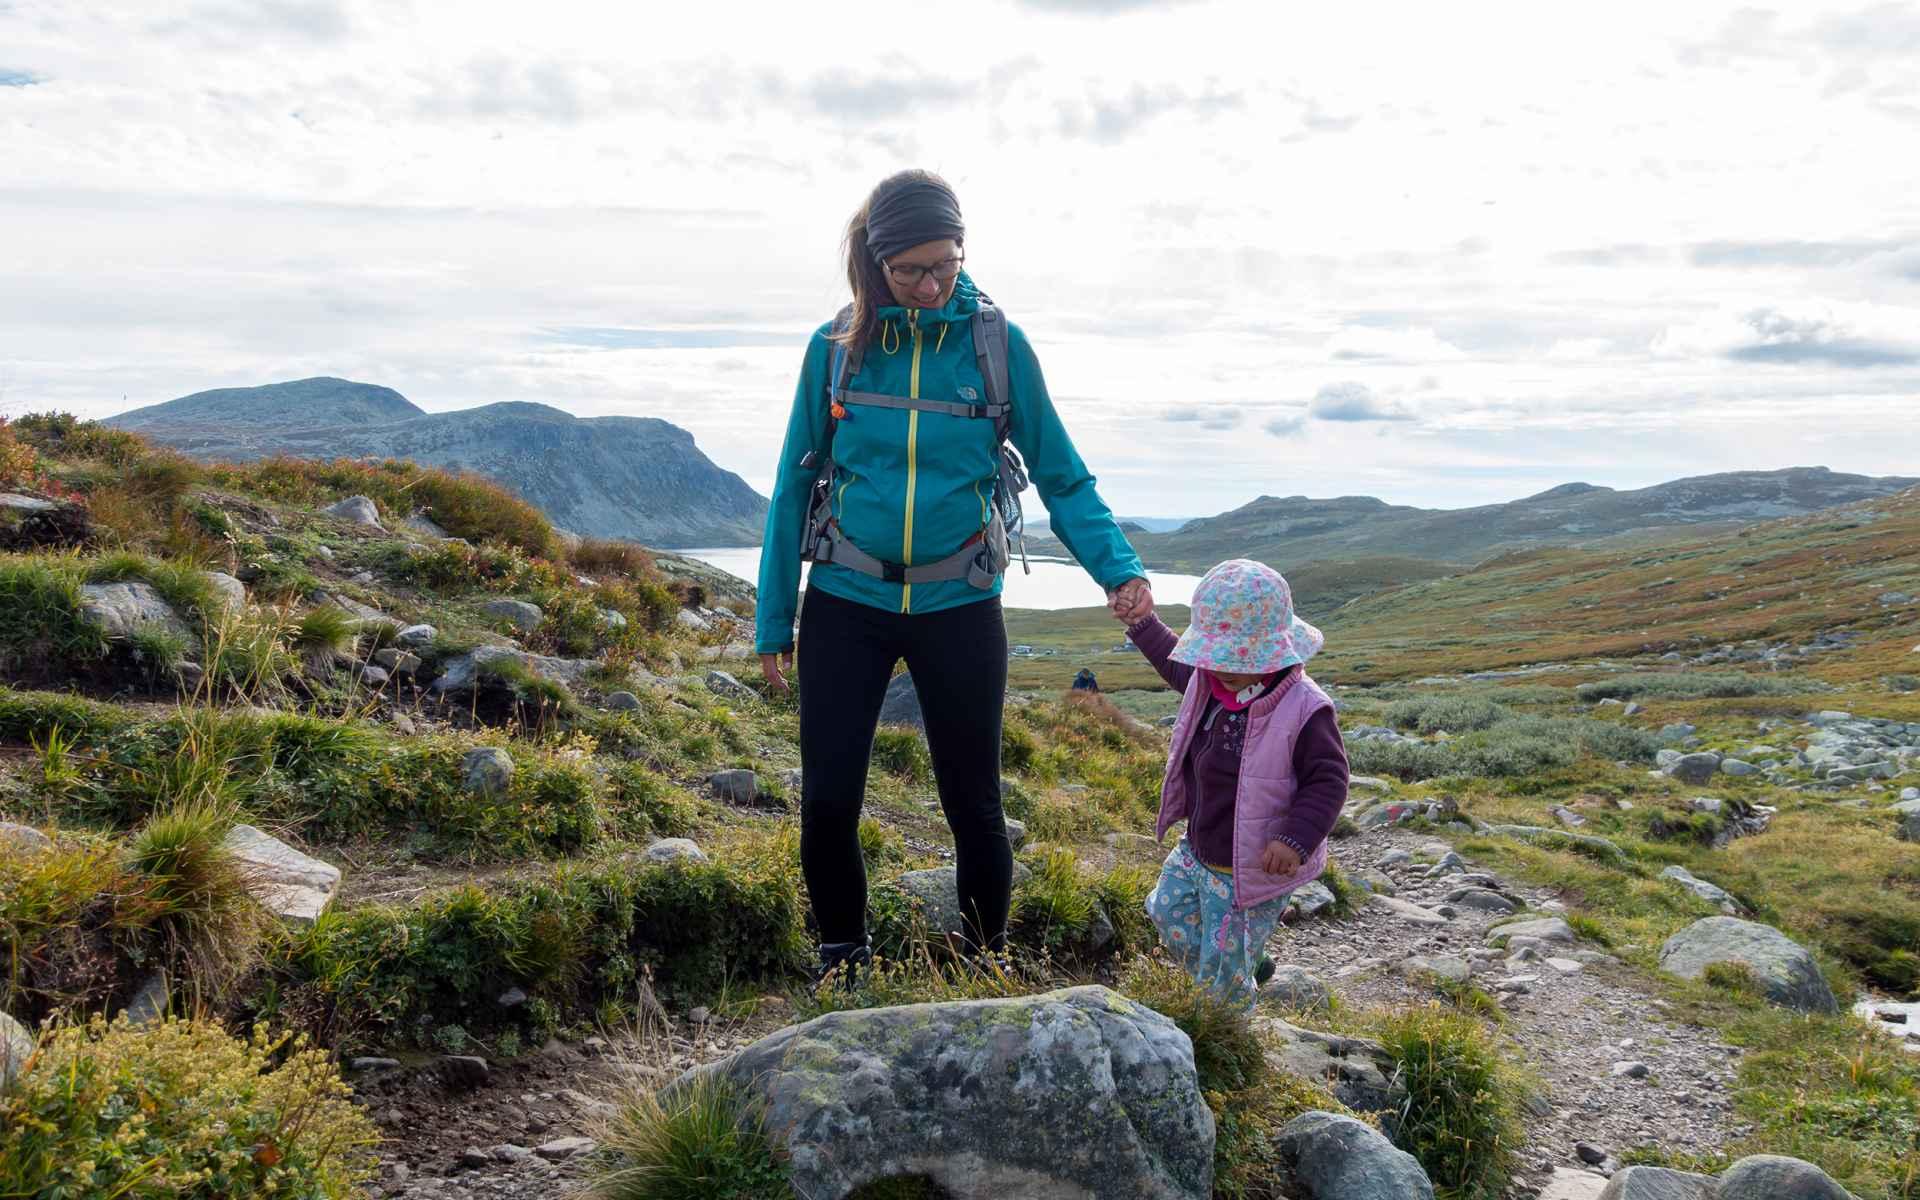 « Notre chemin nous mène au cœur de la nature, mais pas forcément en haut d'une montagne. Quand on fait de la randonnée avec des enfants, l'itinéraire emprunté représente déjà un objectif. »